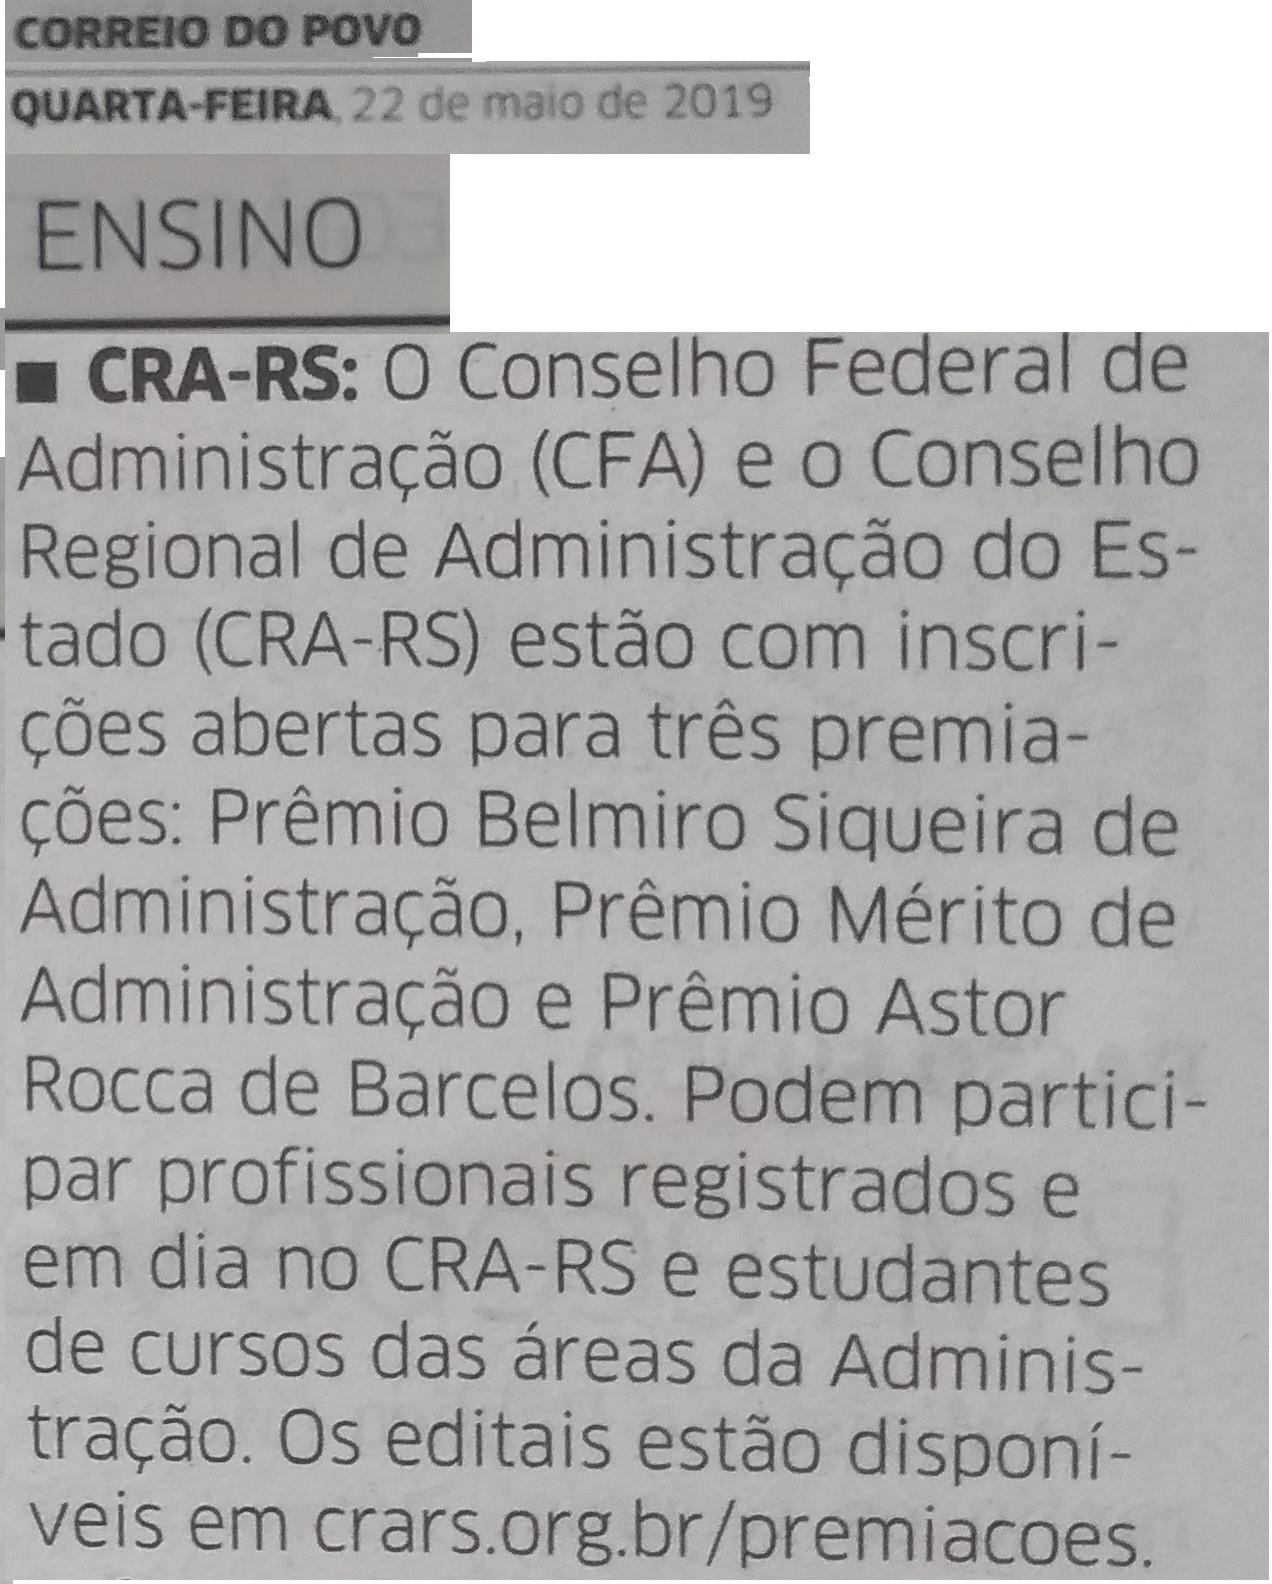 Premiações CFA e CRA-RS